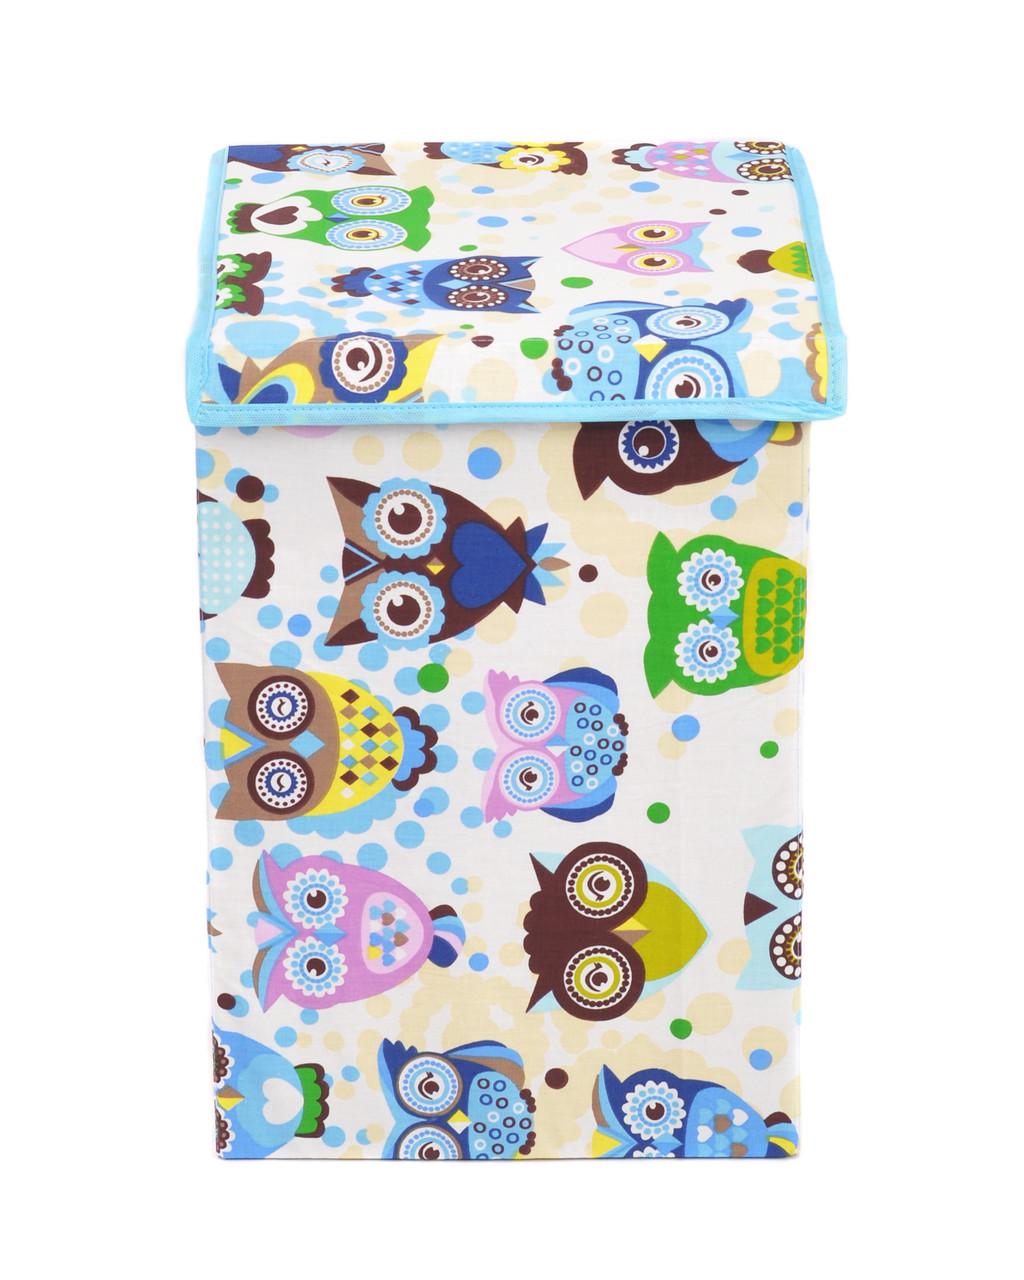 Ящик для зберігання іграшок, 30*30*45 см, (бавовна), Сови з синім ( з кришкою )